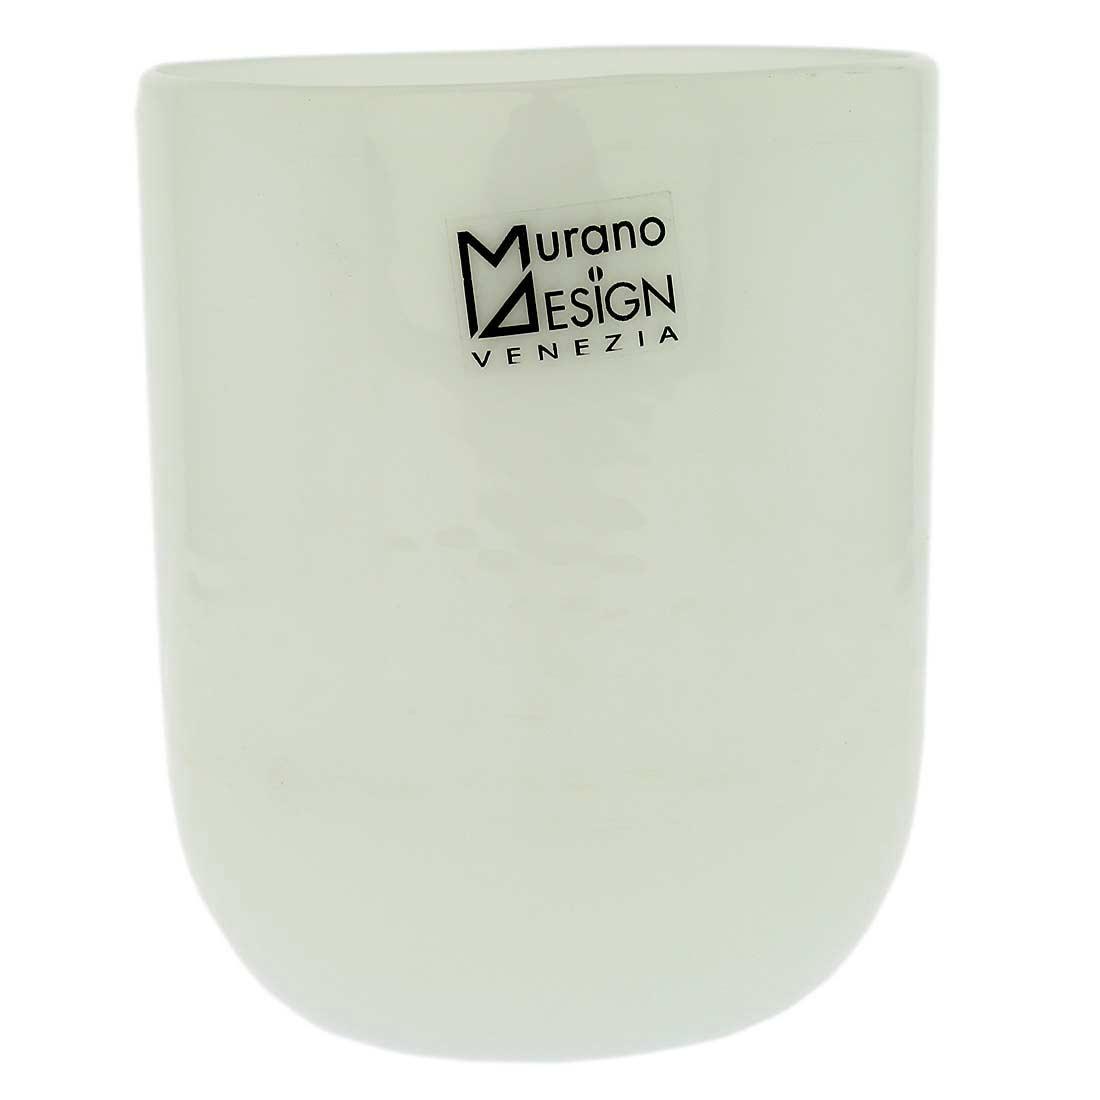 Murano Glass Luminoso Tumbler - White